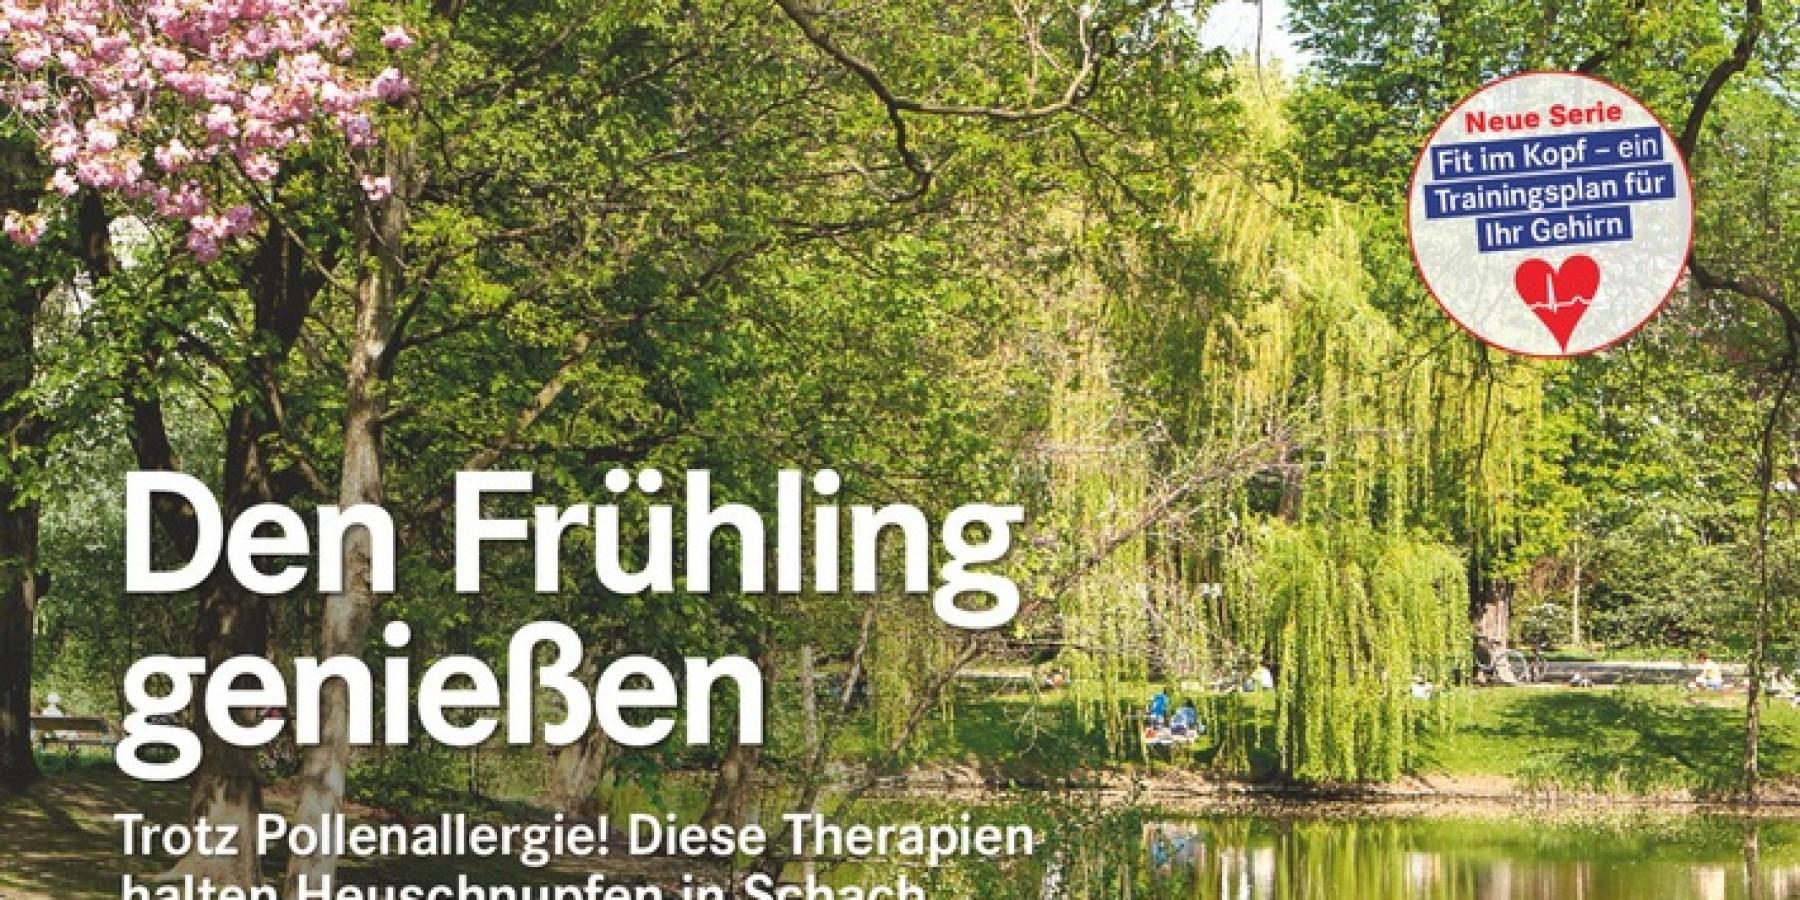 Pollenflug: Diese Therapie hält Heuschnupfen in Schach